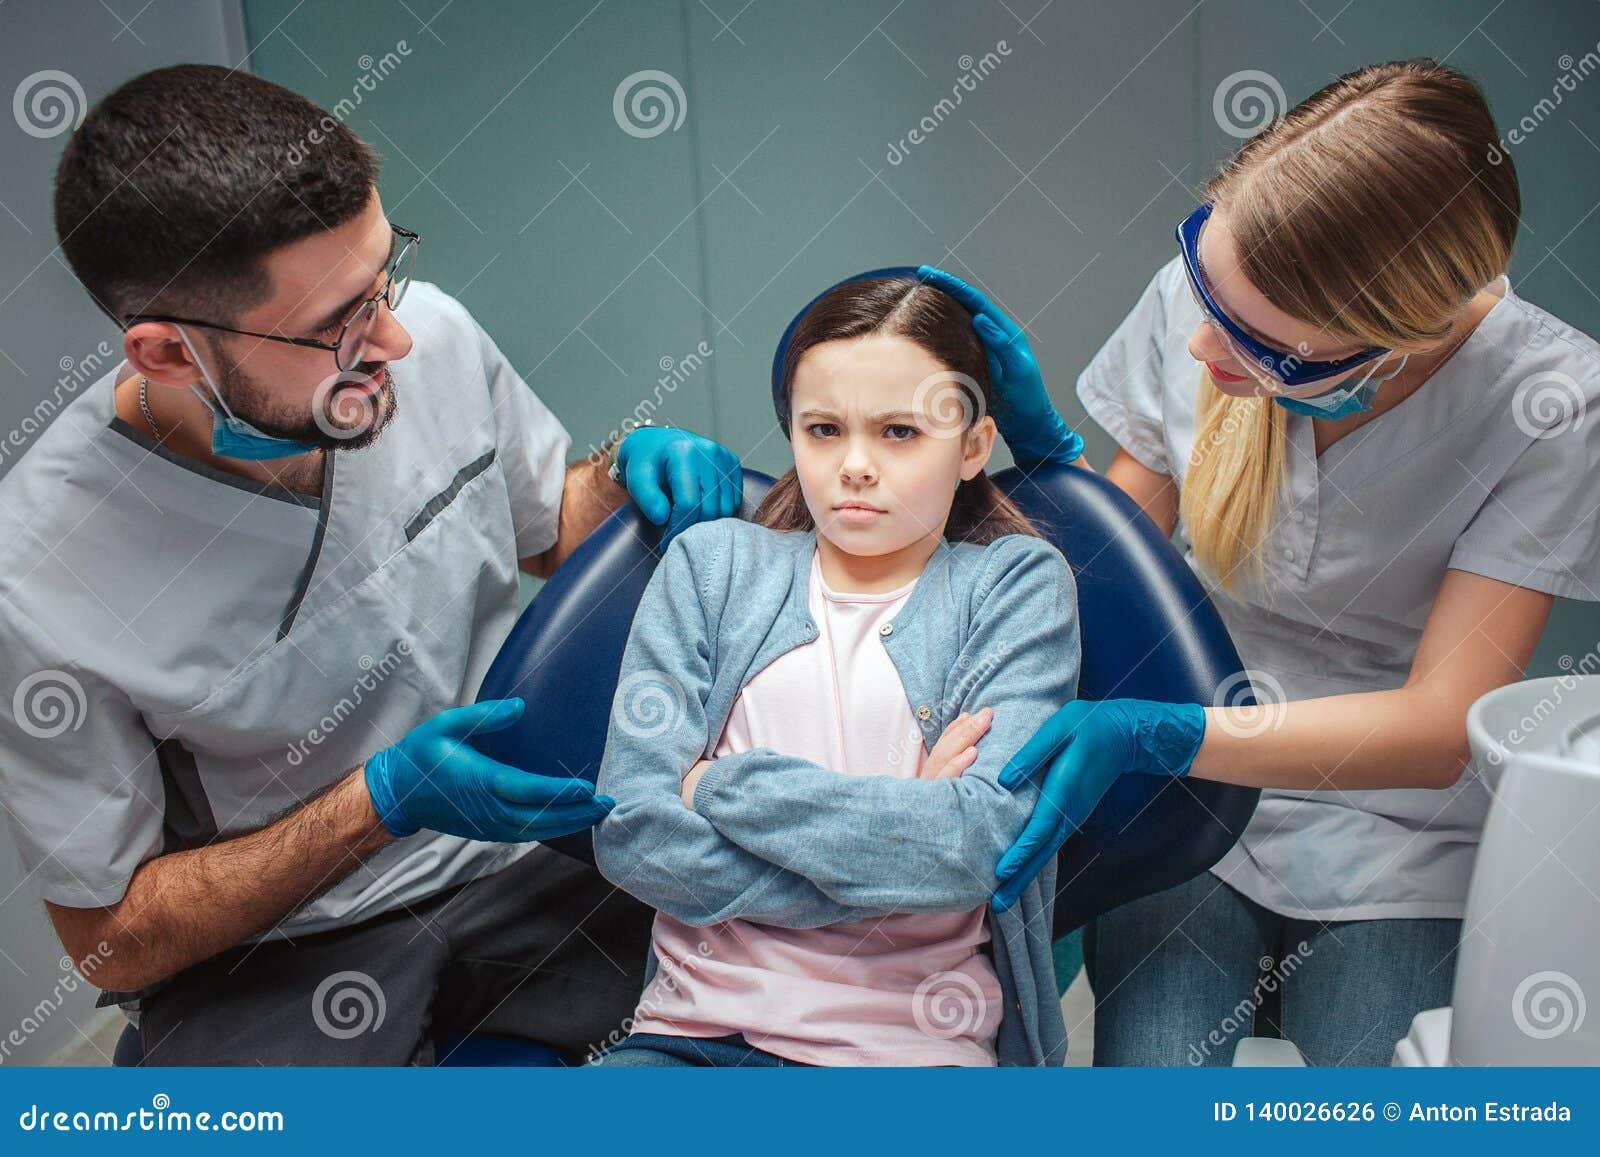 Den envisa flickan sitter i ddental cair i rum Tandläkare ser oroat hennes De trycker på och talar till henne På green